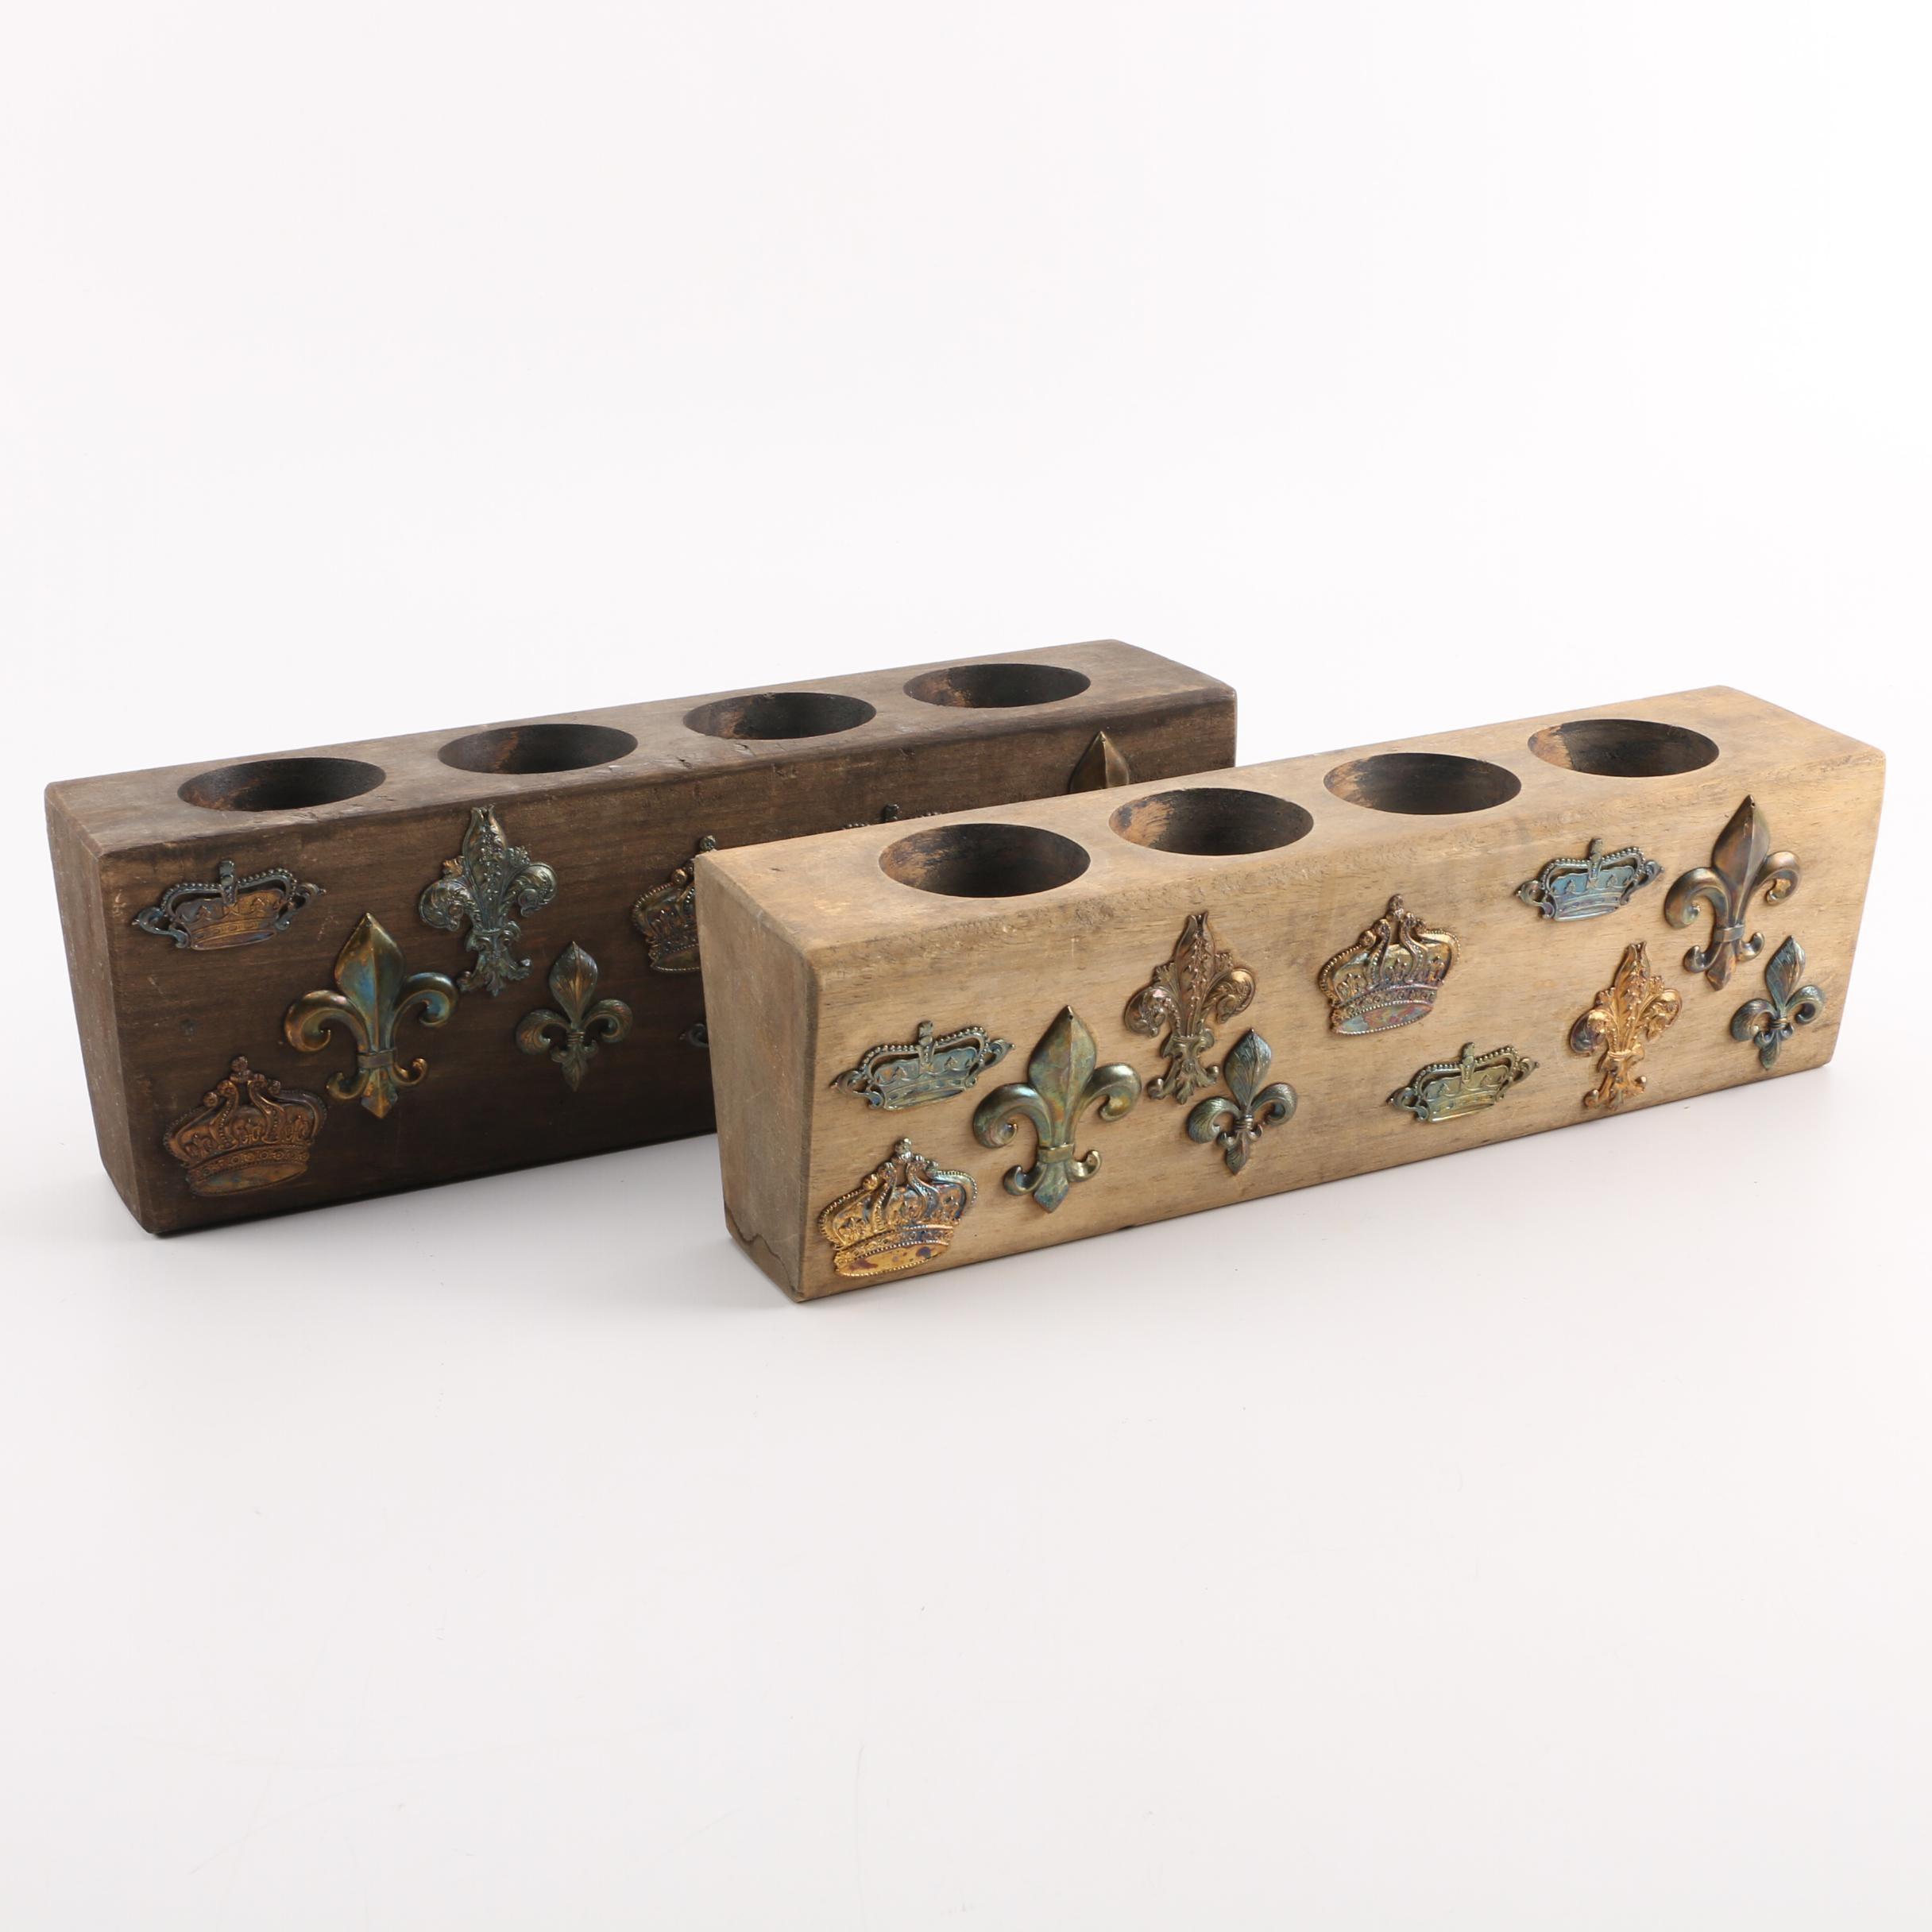 Vintage Wooden Sugar Molds